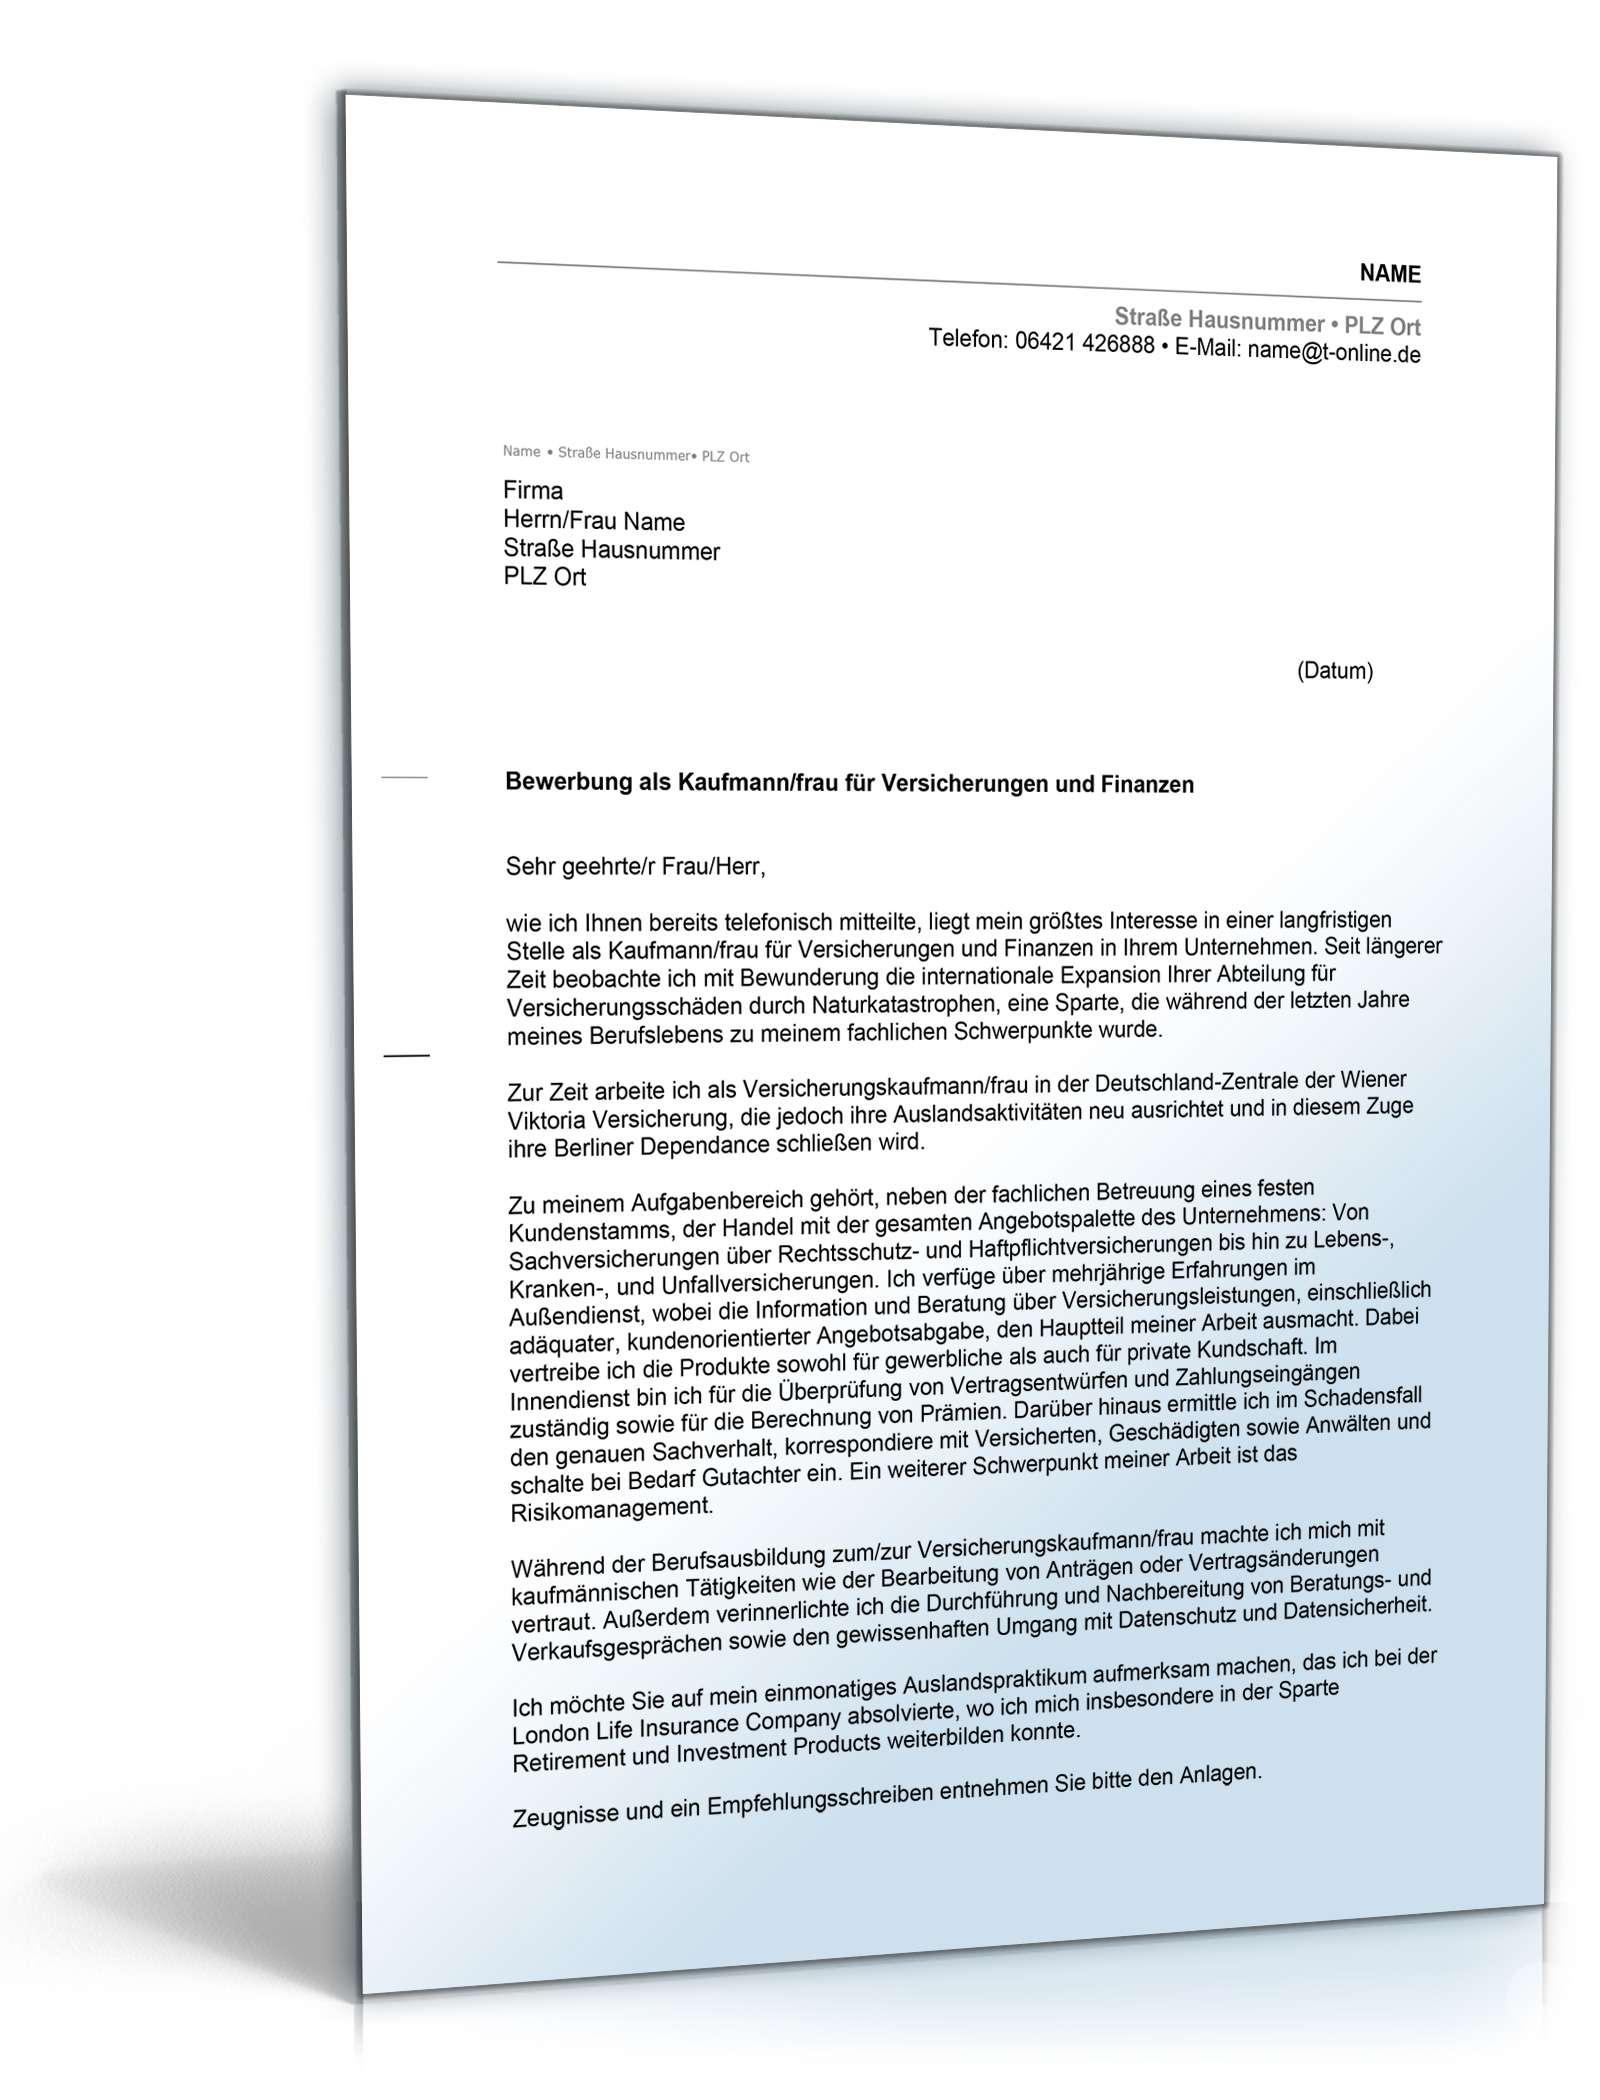 Anschreiben Bewerbung Versicherungskaufmann Muster Zum Download